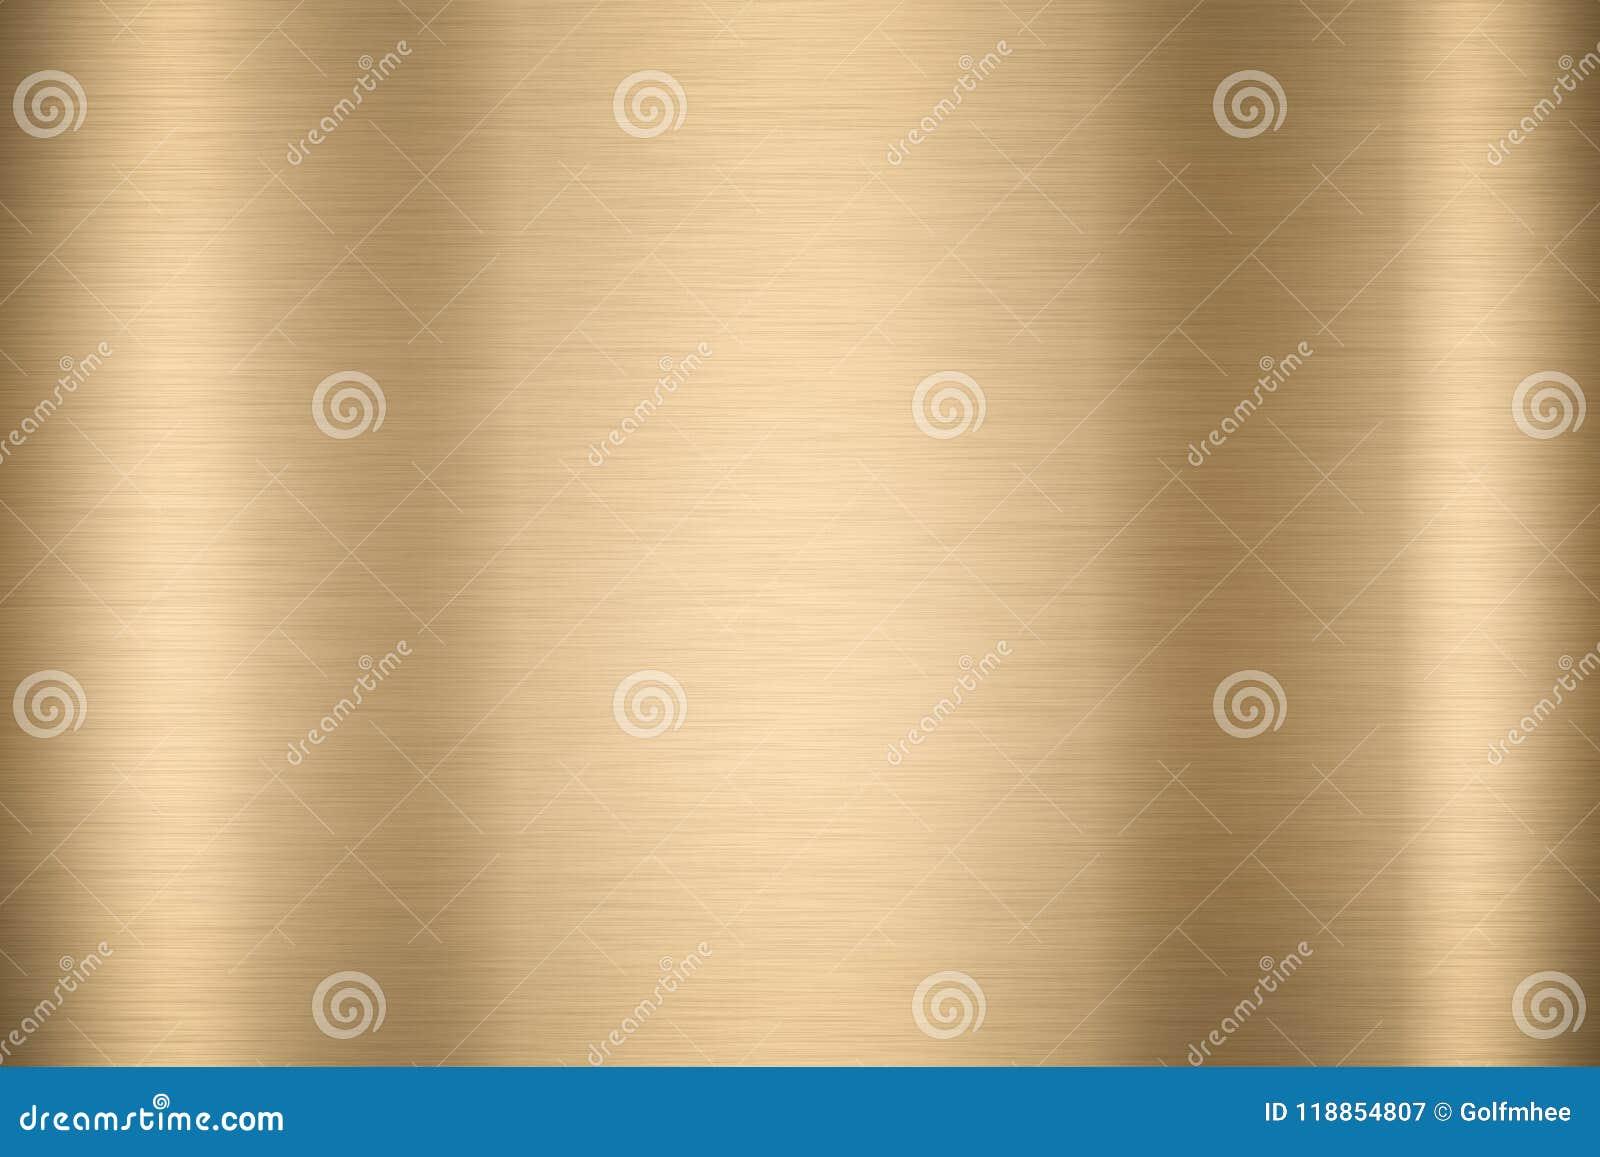 Fondo liso brillante abstracto VI brillante del color oro del metal de la hoja